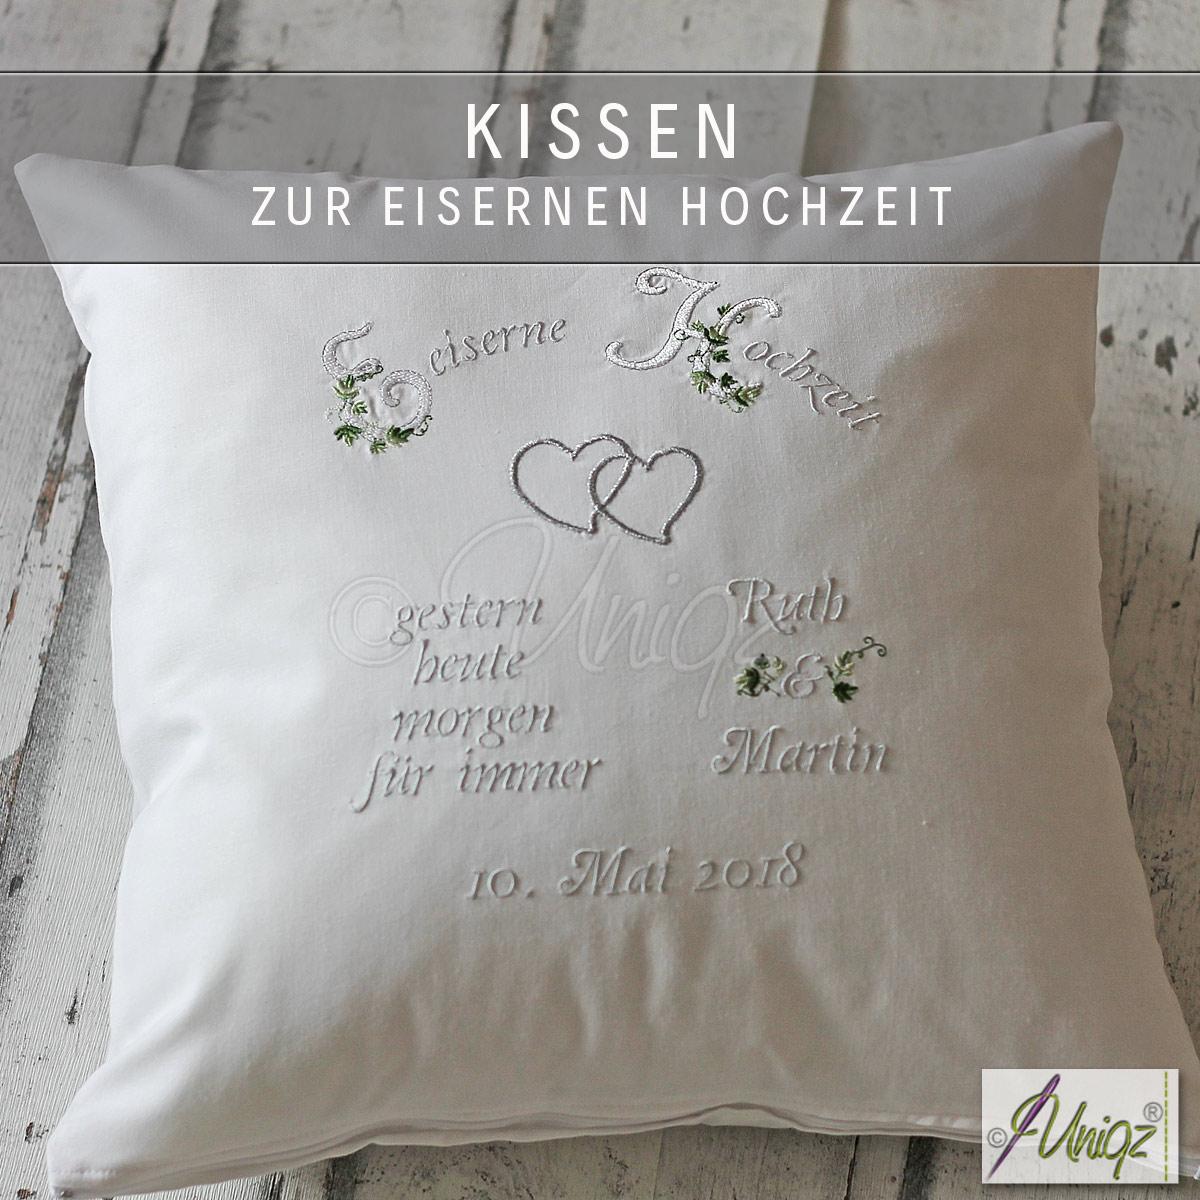 Kissen zur Eisernen Hochzeit